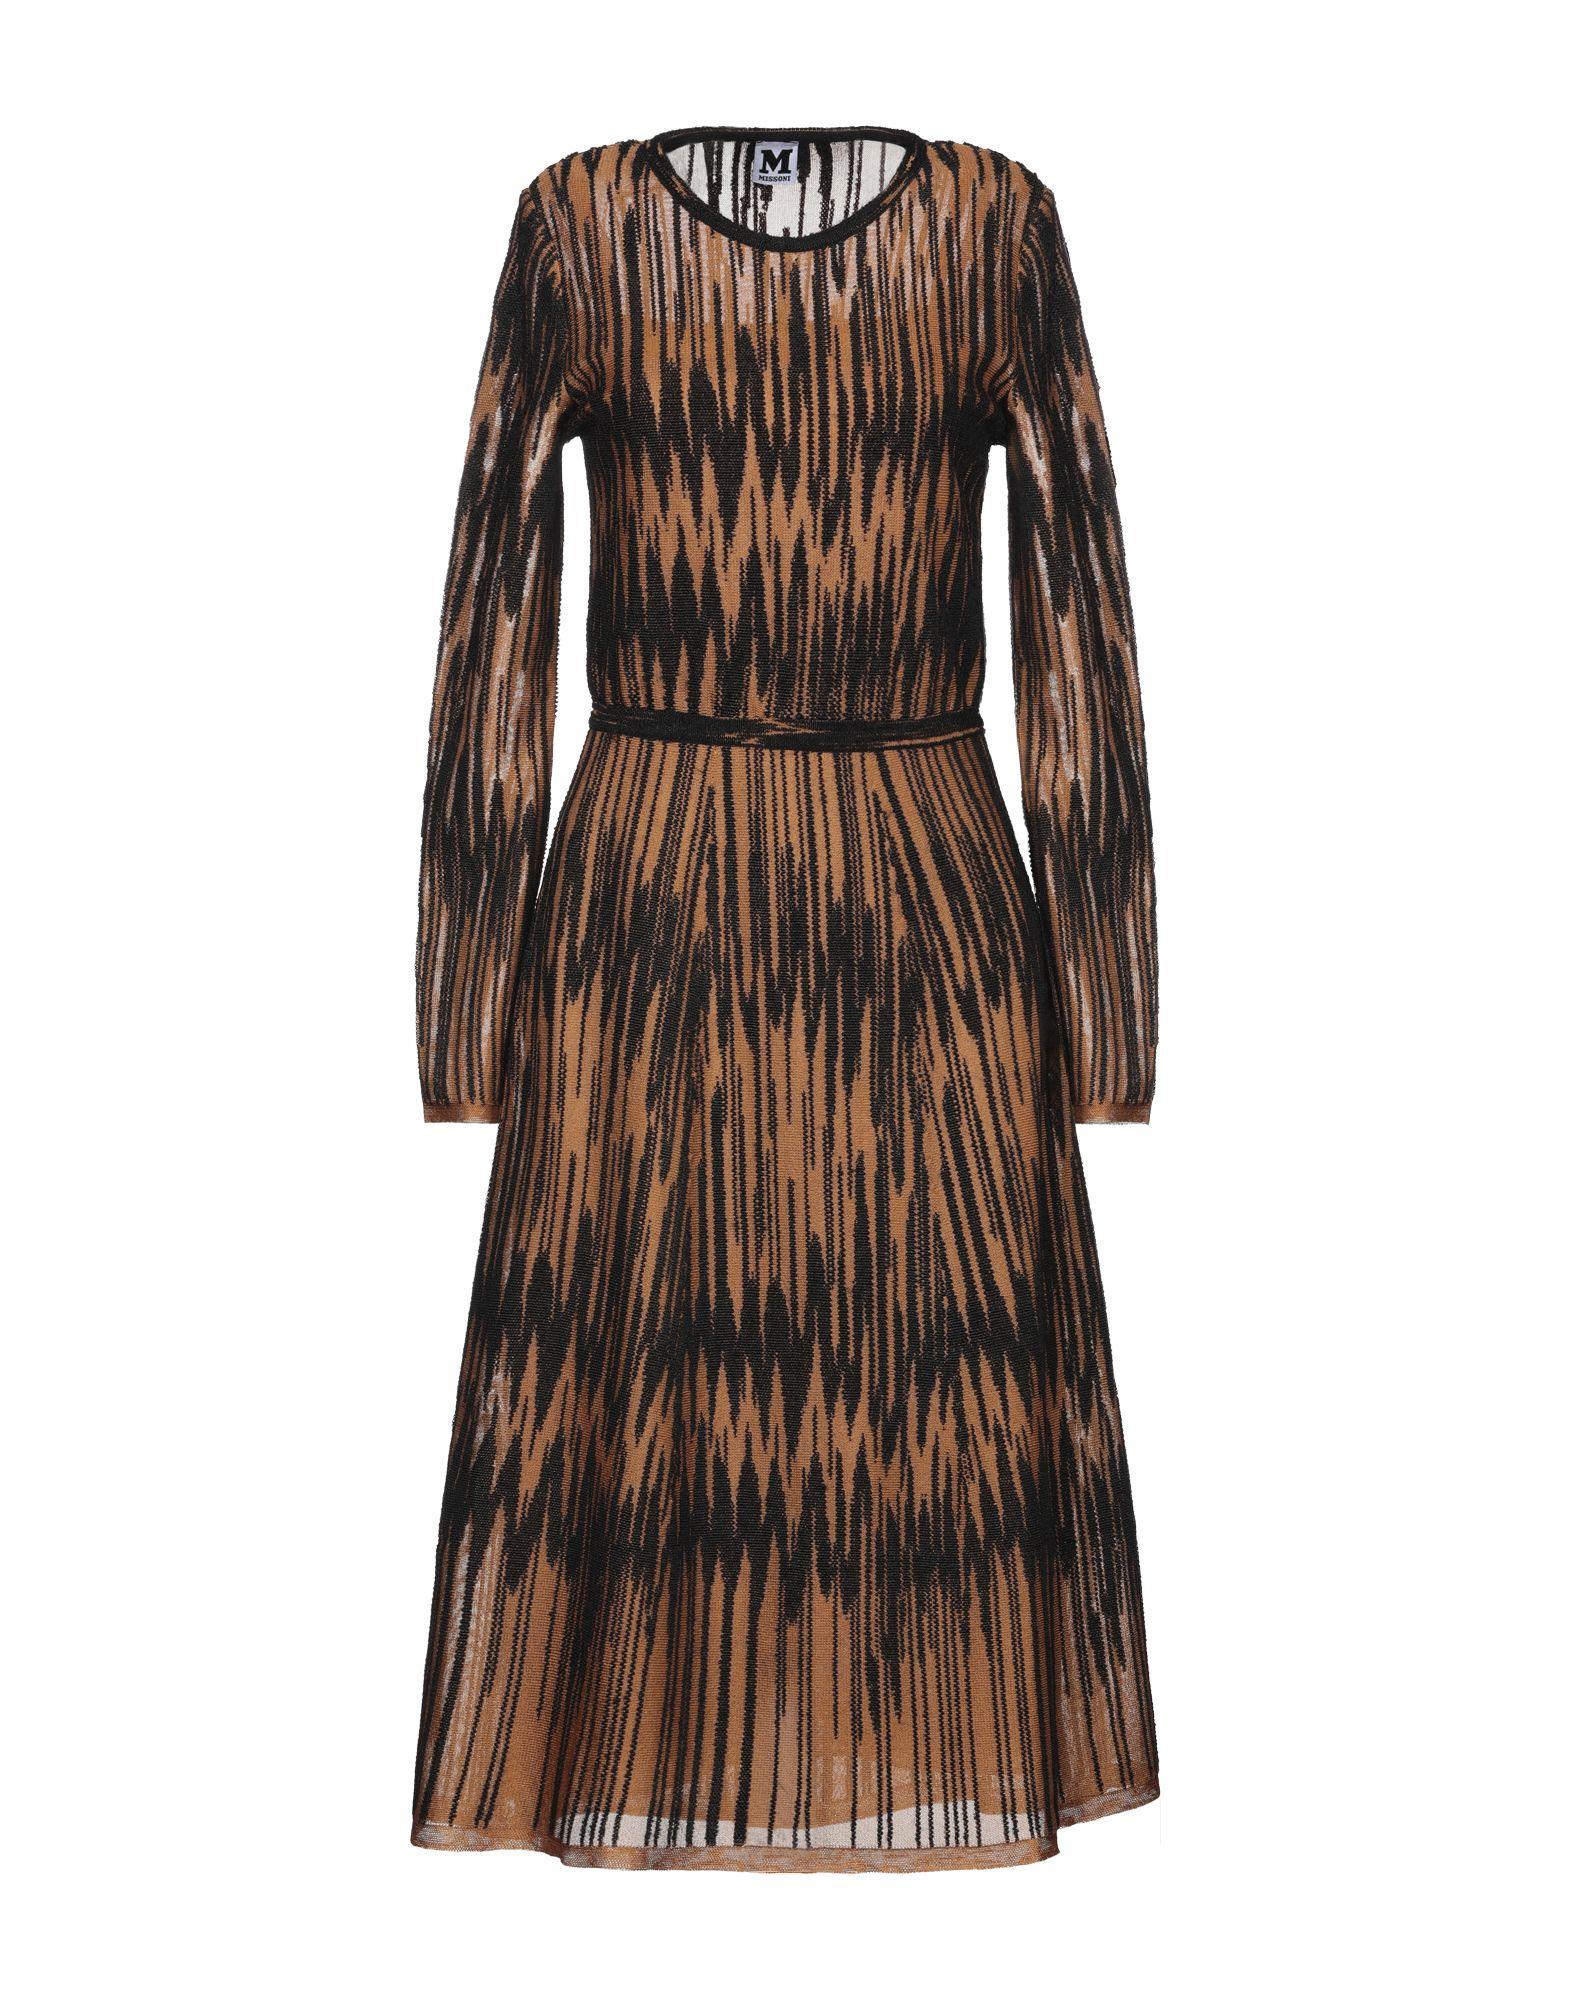 Фото - M MISSONI Платье длиной 3/4 standard usb 3 0 a male am to usb 3 0 a female af usb3 0 extension cable 0 3 m 0 6 m 1 m 1 5 m 1 8m 3m 1ft 2ft 3ft 5ft 6ft 10ft